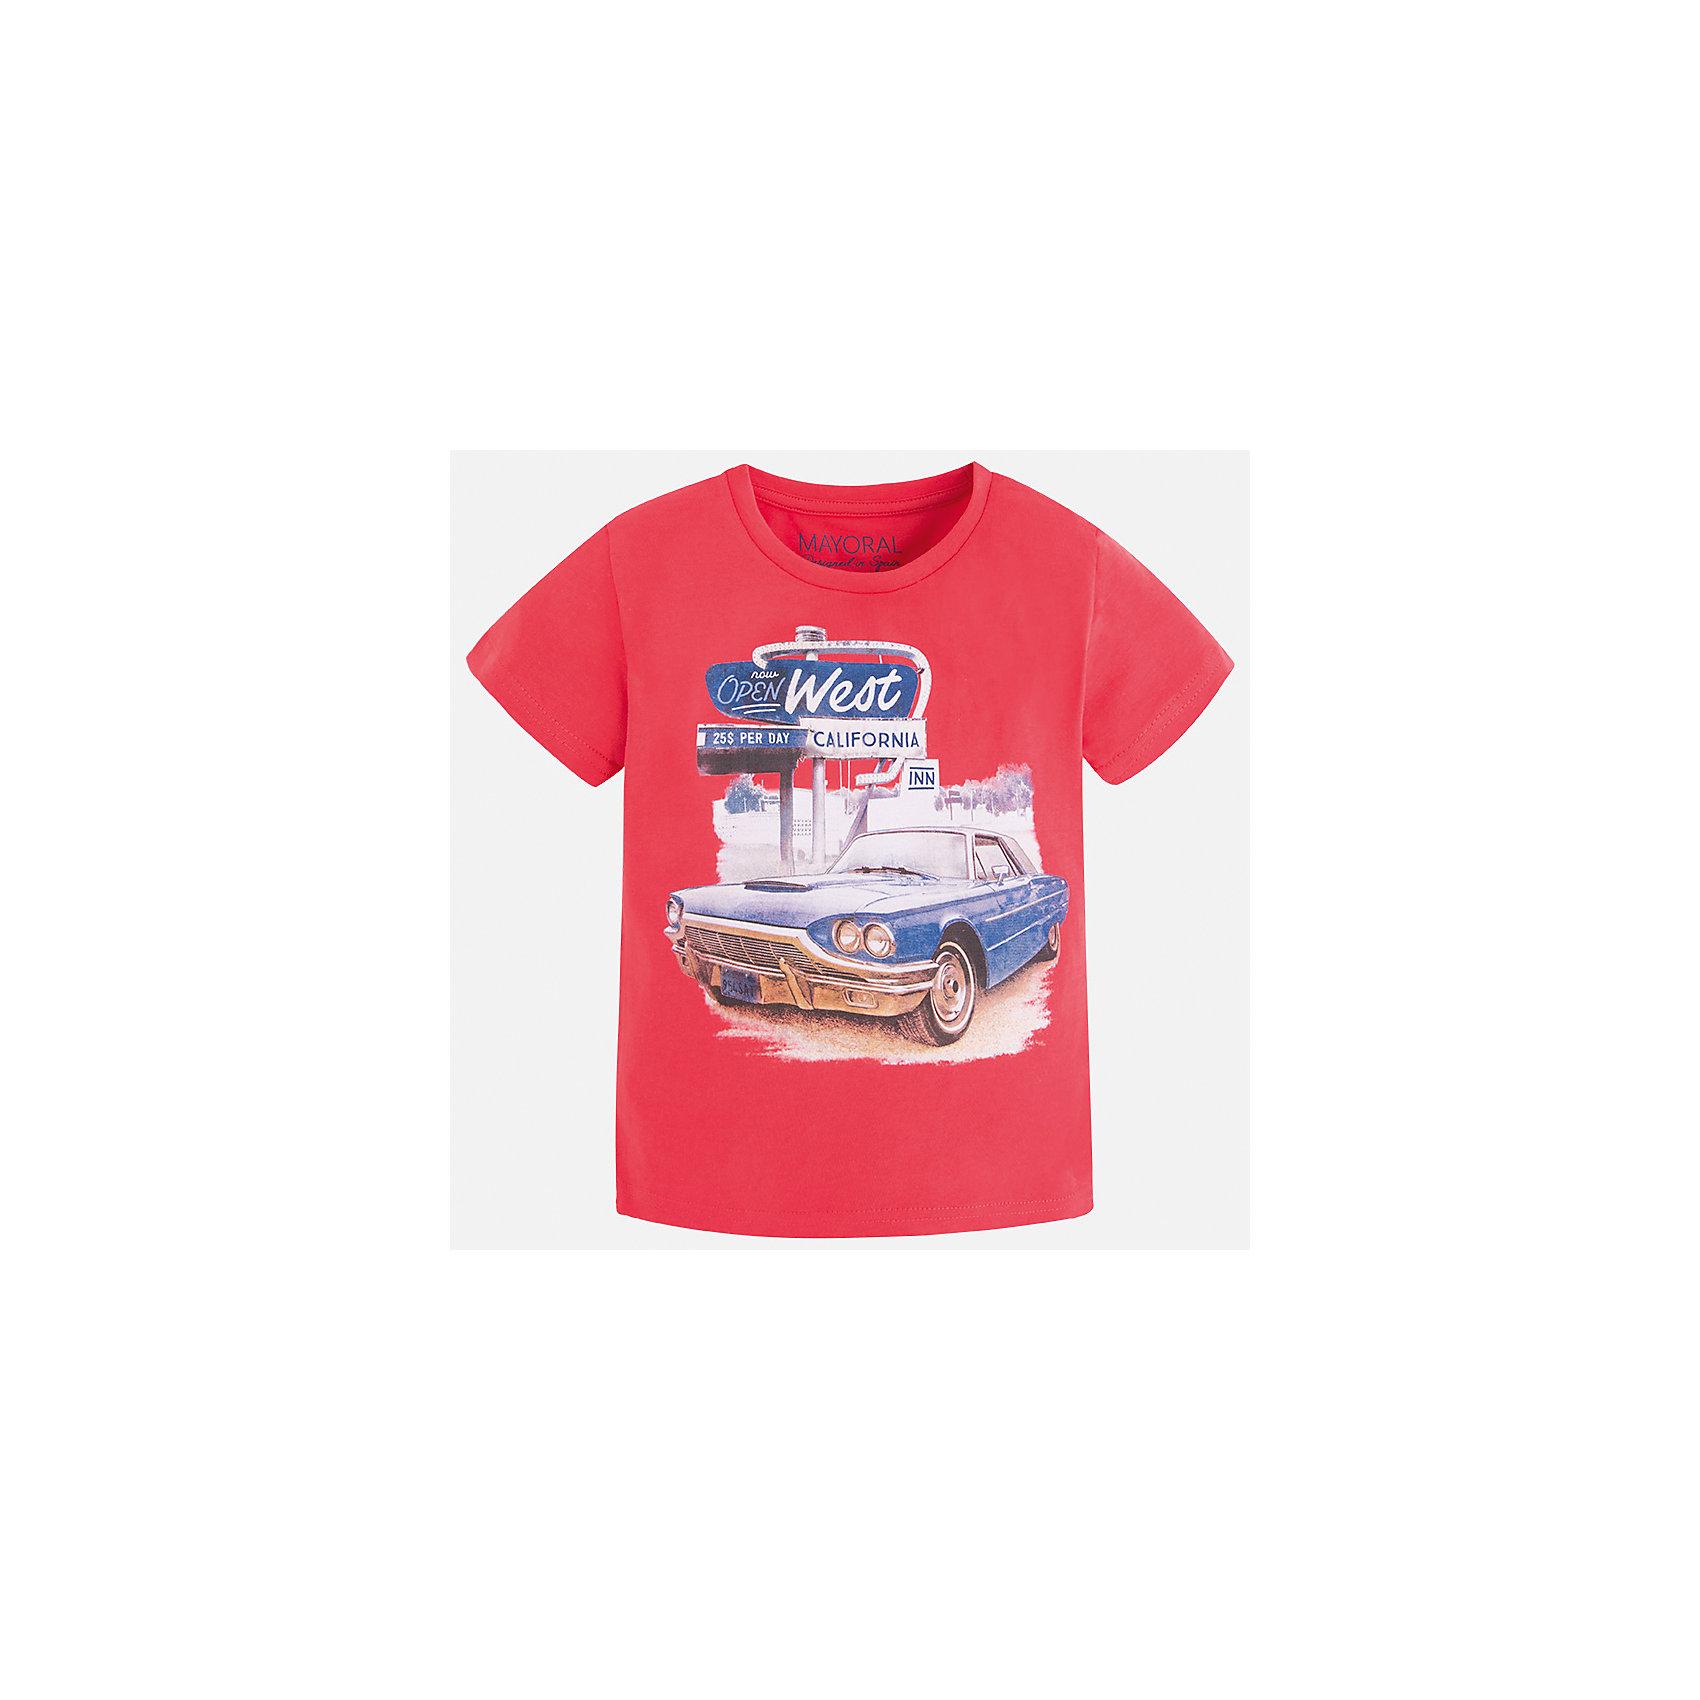 Футболка для мальчика MayoralФутболки, поло и топы<br>Характеристики товара:<br><br>• цвет: красный<br>• состав: 100% хлопок<br>• круглый горловой вырез<br>• принт впереди<br>• короткие рукава<br>• отделка горловины<br>• страна бренда: Испания<br><br>Стильная футболка с принтом поможет разнообразить гардероб мальчика. Она отлично сочетается с брюками, шортами, джинсами и т.д. Универсальный крой и цвет позволяет подобрать к вещи низ разных расцветок. Практичное и стильное изделие! В составе материала - только натуральный хлопок, гипоаллергенный, приятный на ощупь, дышащий.<br><br>Одежда, обувь и аксессуары от испанского бренда Mayoral полюбились детям и взрослым по всему миру. Модели этой марки - стильные и удобные. Для их производства используются только безопасные, качественные материалы и фурнитура. Порадуйте ребенка модными и красивыми вещами от Mayoral! <br><br>Футболку для мальчика от испанского бренда Mayoral (Майорал) можно купить в нашем интернет-магазине.<br><br>Ширина мм: 199<br>Глубина мм: 10<br>Высота мм: 161<br>Вес г: 151<br>Цвет: красный<br>Возраст от месяцев: 18<br>Возраст до месяцев: 24<br>Пол: Мужской<br>Возраст: Детский<br>Размер: 92,134,128,122,116,110,104,98<br>SKU: 5280101